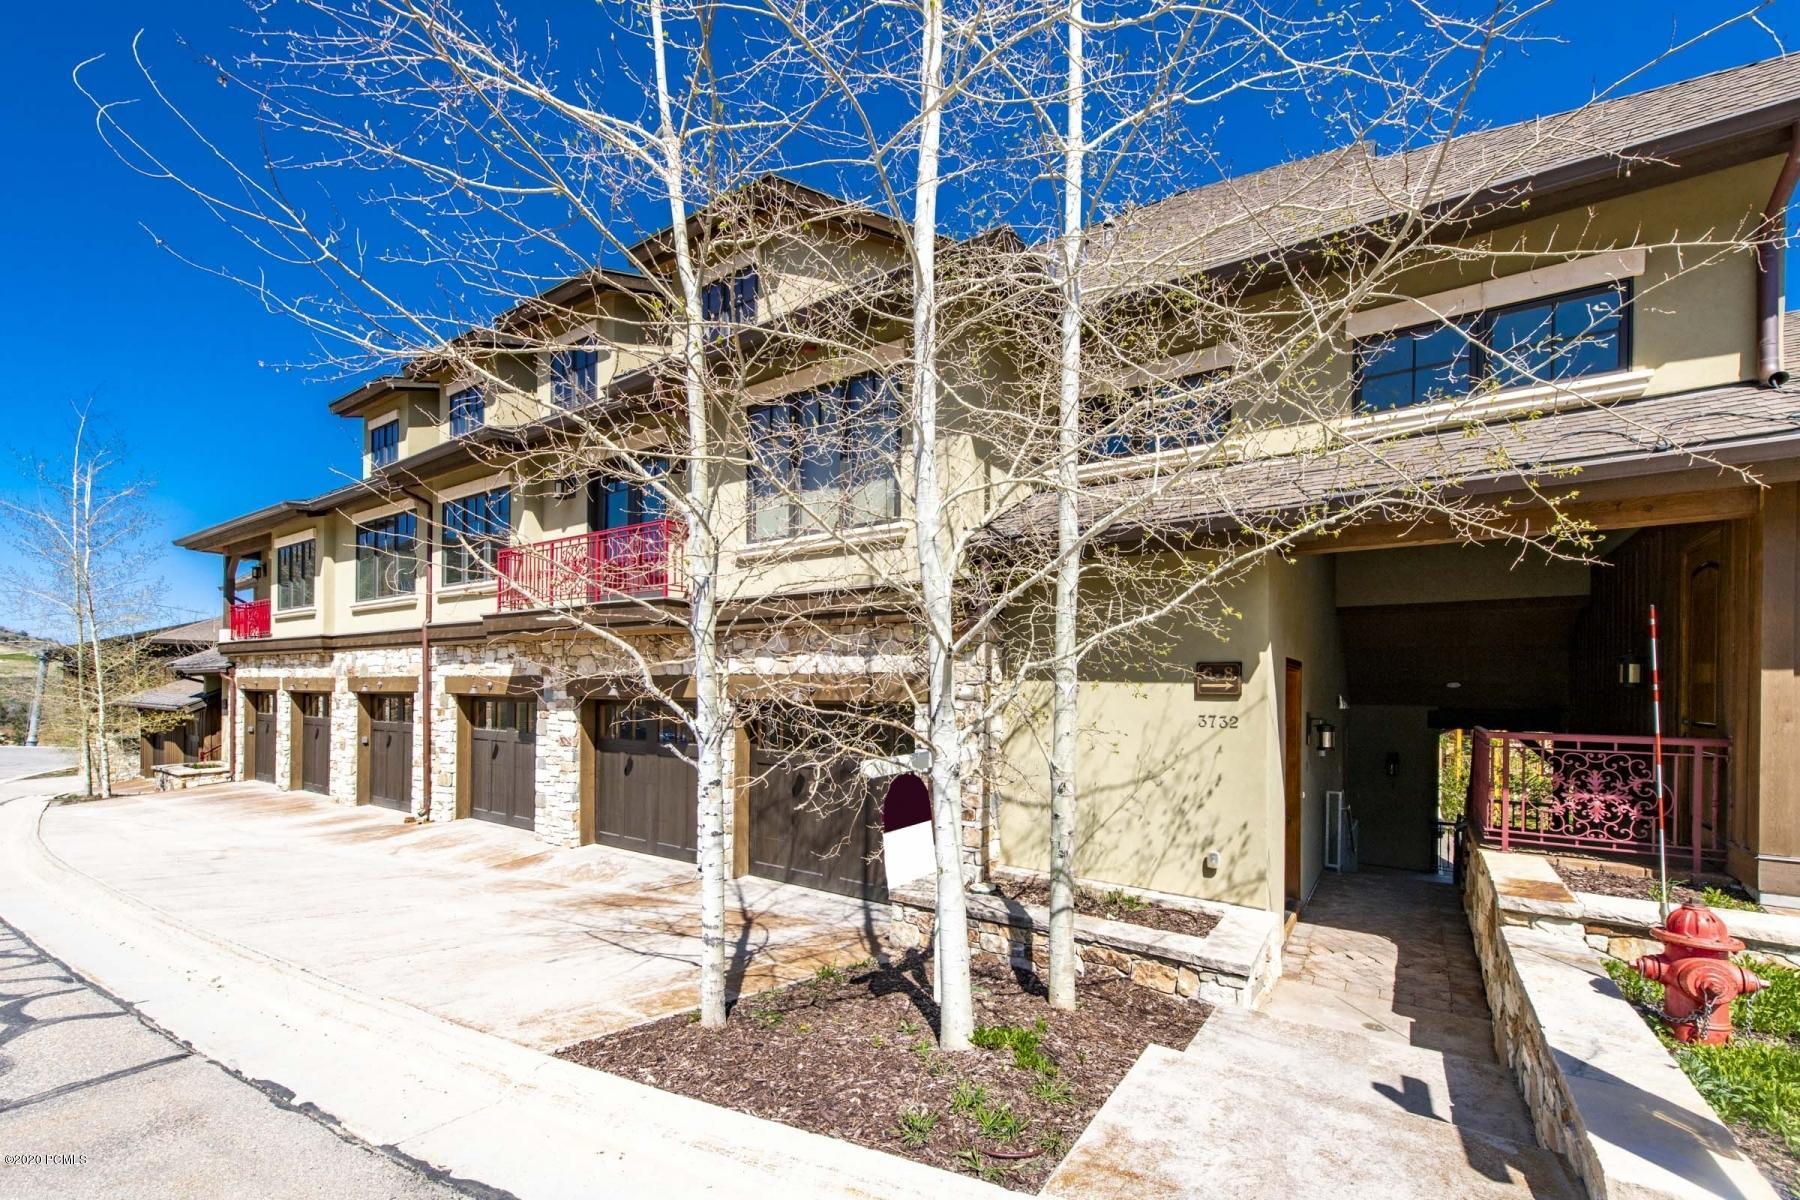 3732 Vintage East Street, Park City, Utah 84098, 4 Bedrooms Bedrooms, ,5 BathroomsBathrooms,Condominium,For Sale,Vintage East,20190109112430415765000000